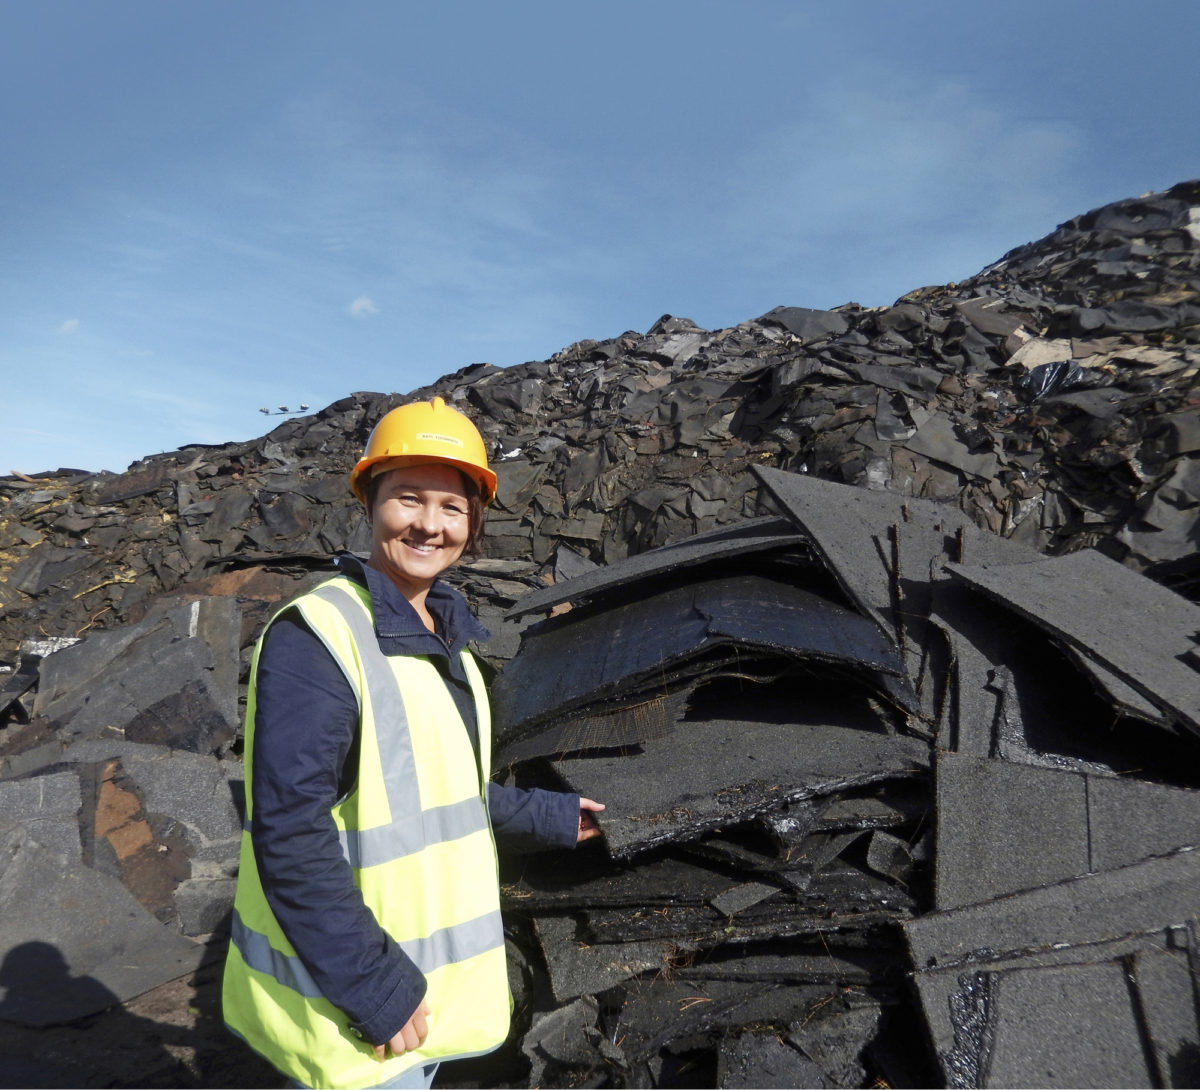 - Kumppaniverkostoomme kuuluu useita kunnallisia jätehuoltoyhtiöitä. Kerääminen Lahden alueen ulkopuolelta ja kattohuopatehtaista hoidetaan niiden ja oman noutopalvelun avulla. Eniten yhteistyötä teemme Päijät-Hämeen Jätehuollon kanssa, Kati Tuominen sanoo.